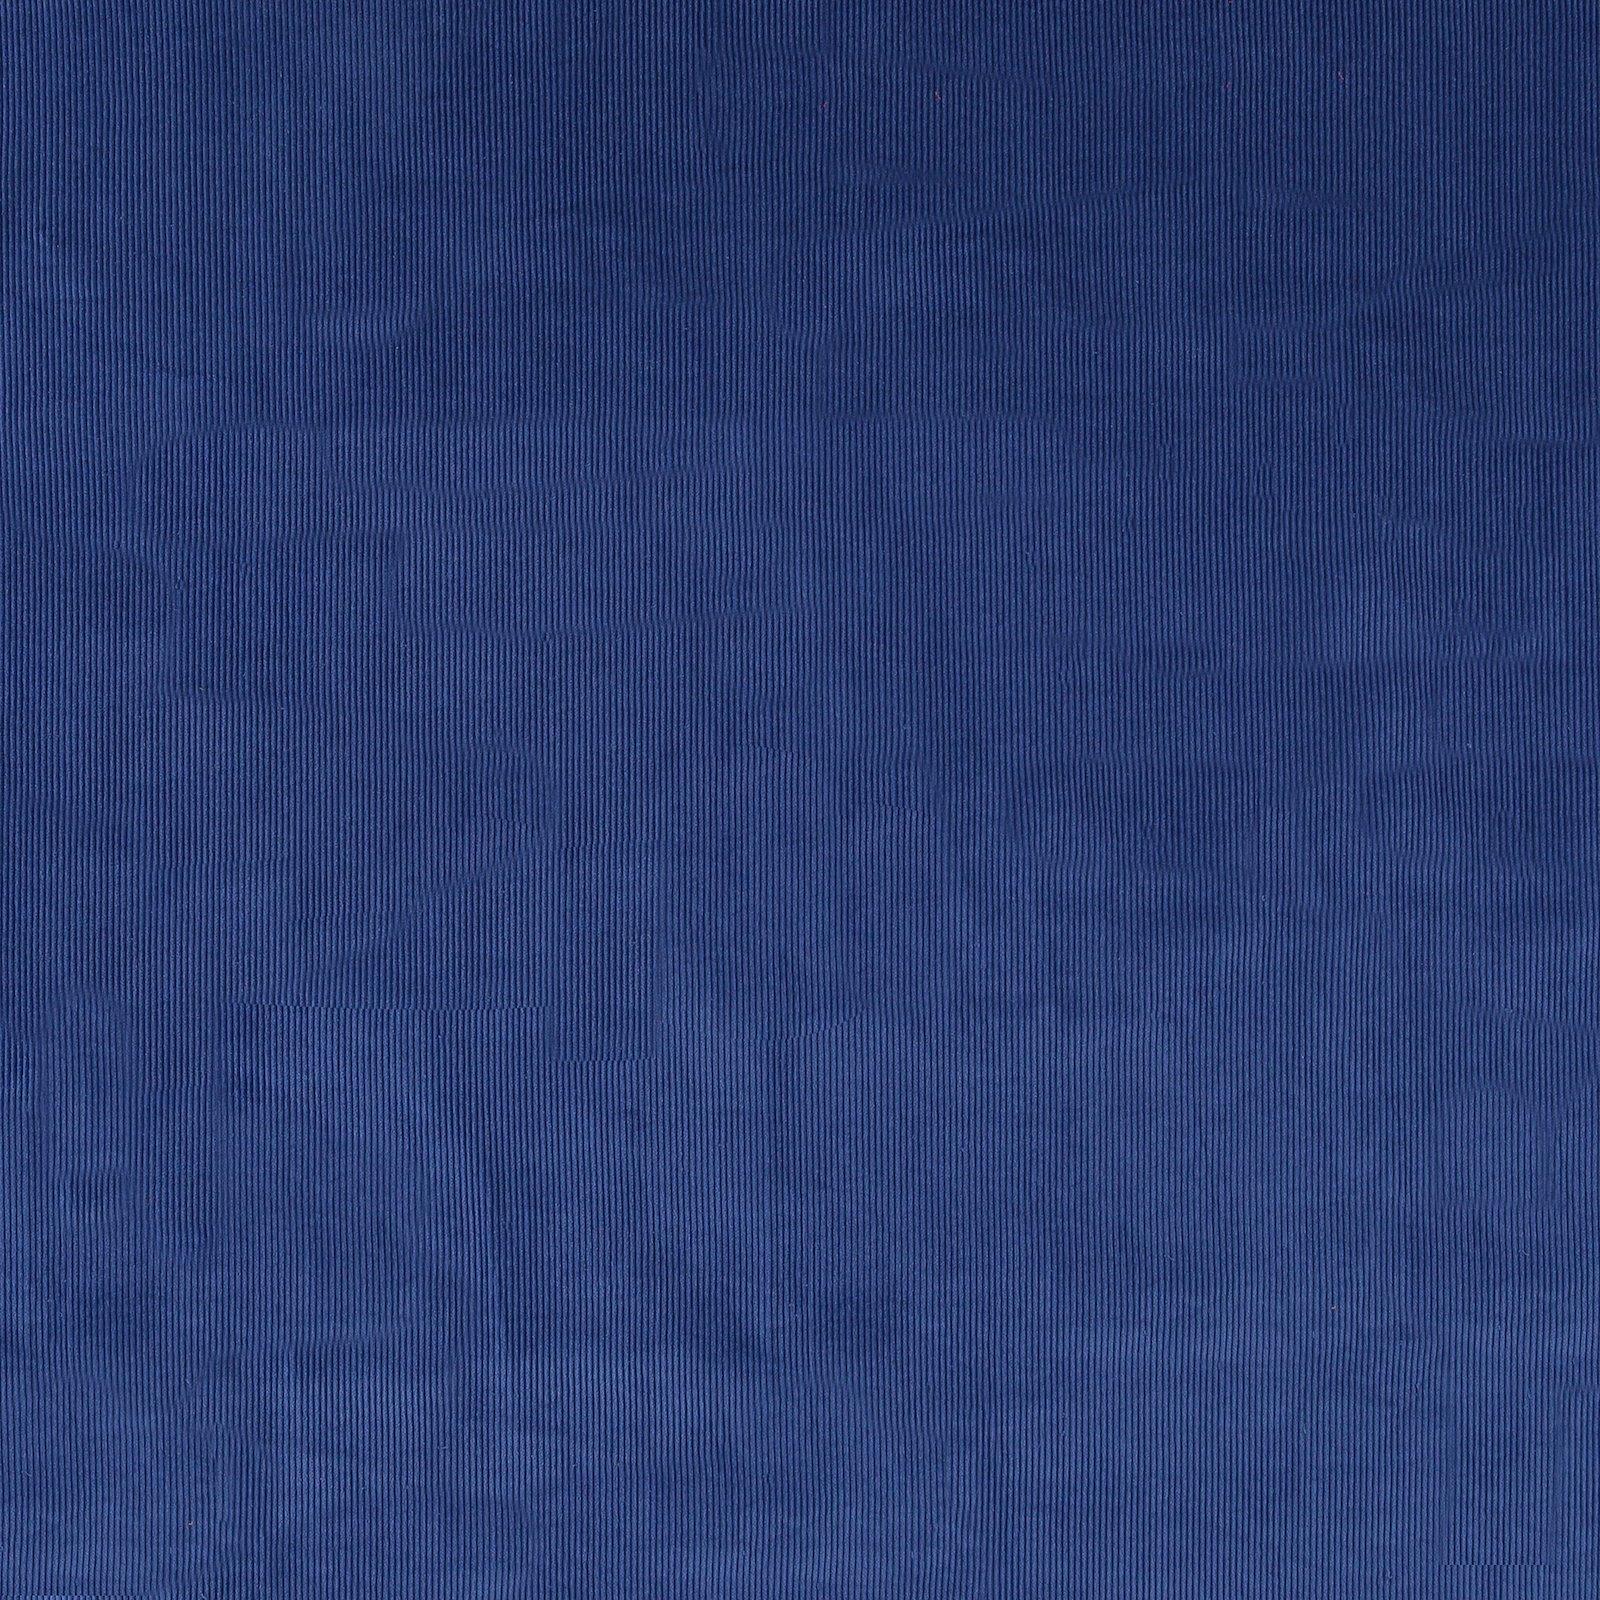 Corduroy 8 wales dark cobalt blue 430820_pack_solid